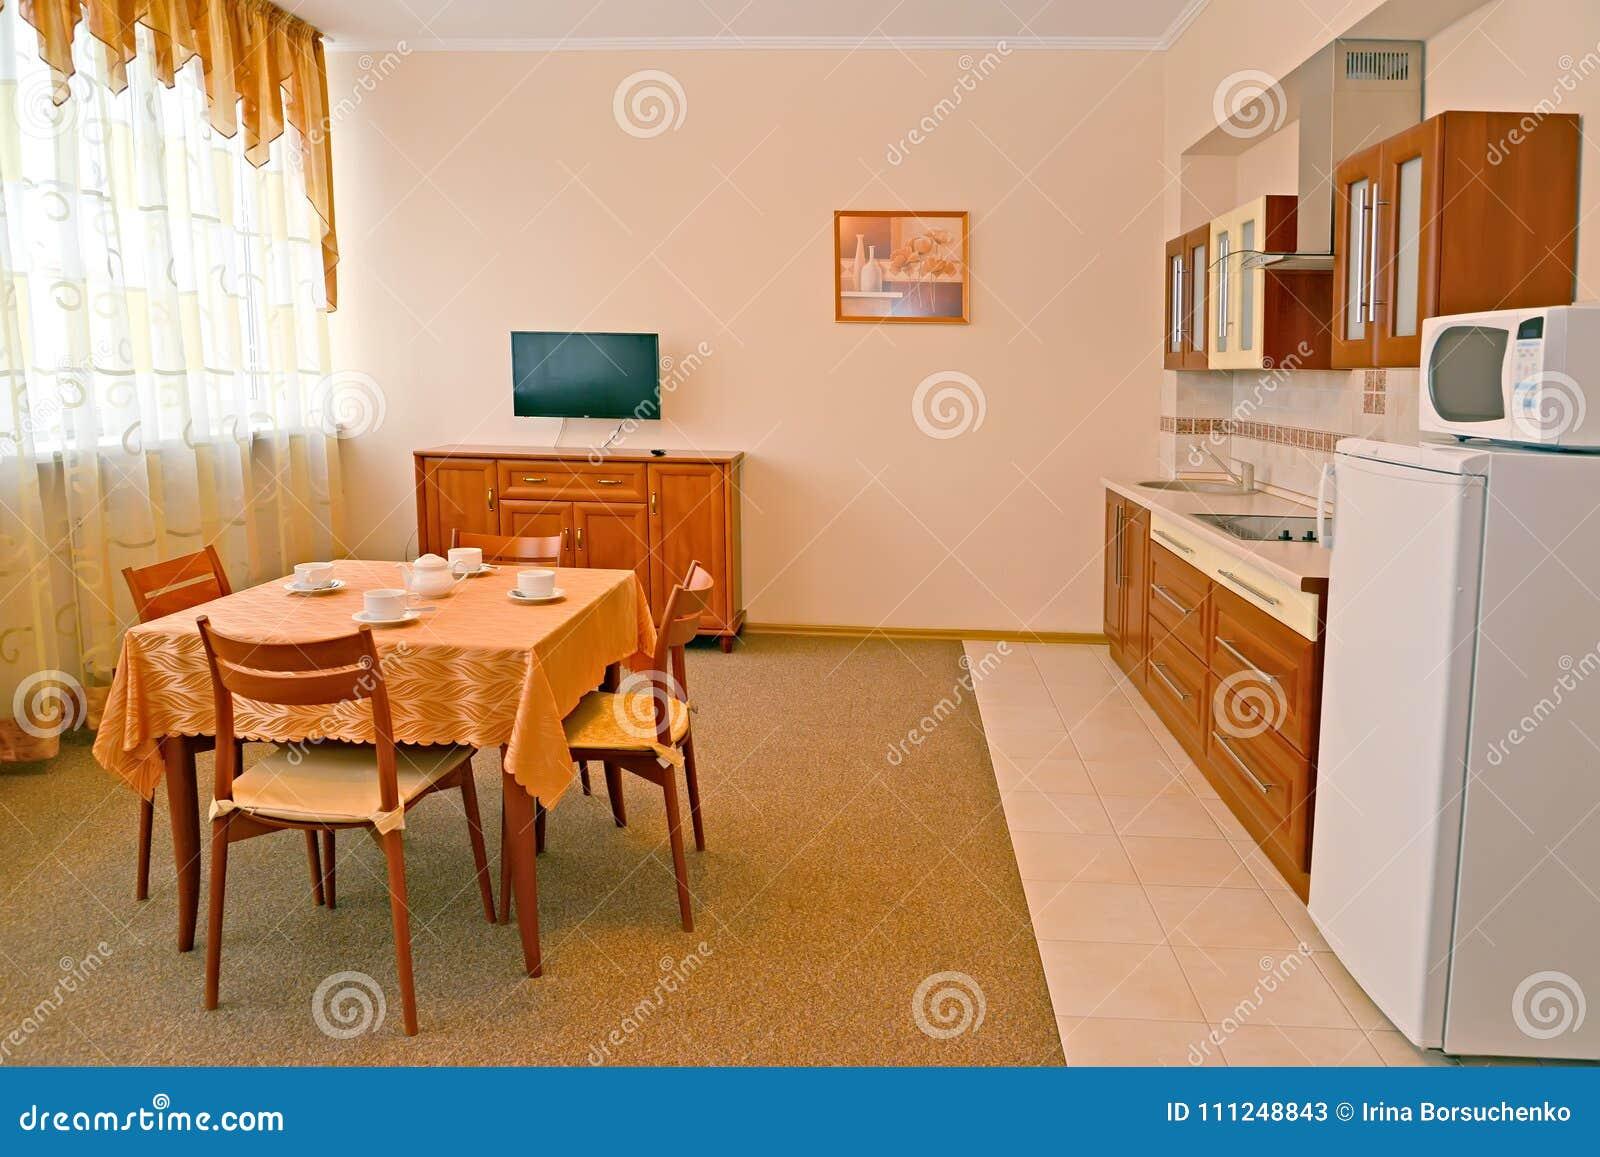 Kuchnia W Pokoju Hotelowym Wnętrze W Ciepłych Kolorach Obraz